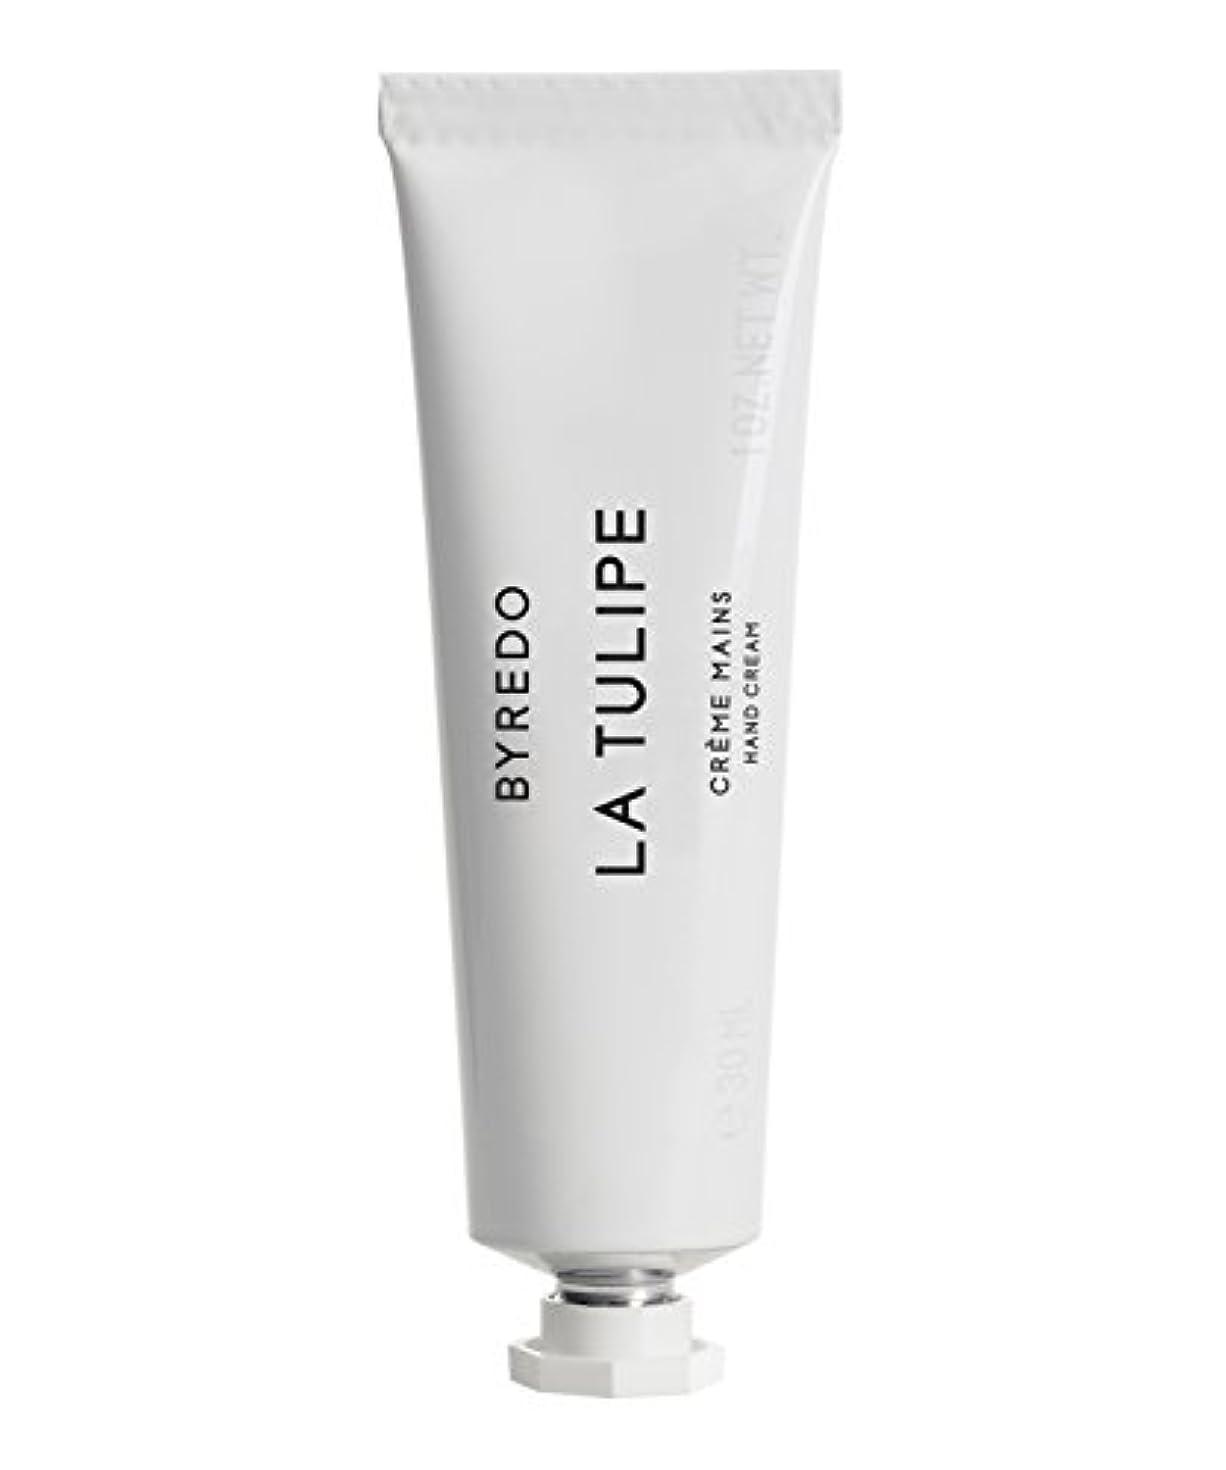 兄シャット悪質なByredo Hand Cream La Tulipe 30ml - ハンドクリームラチューリップの30ミリリットル [並行輸入品]